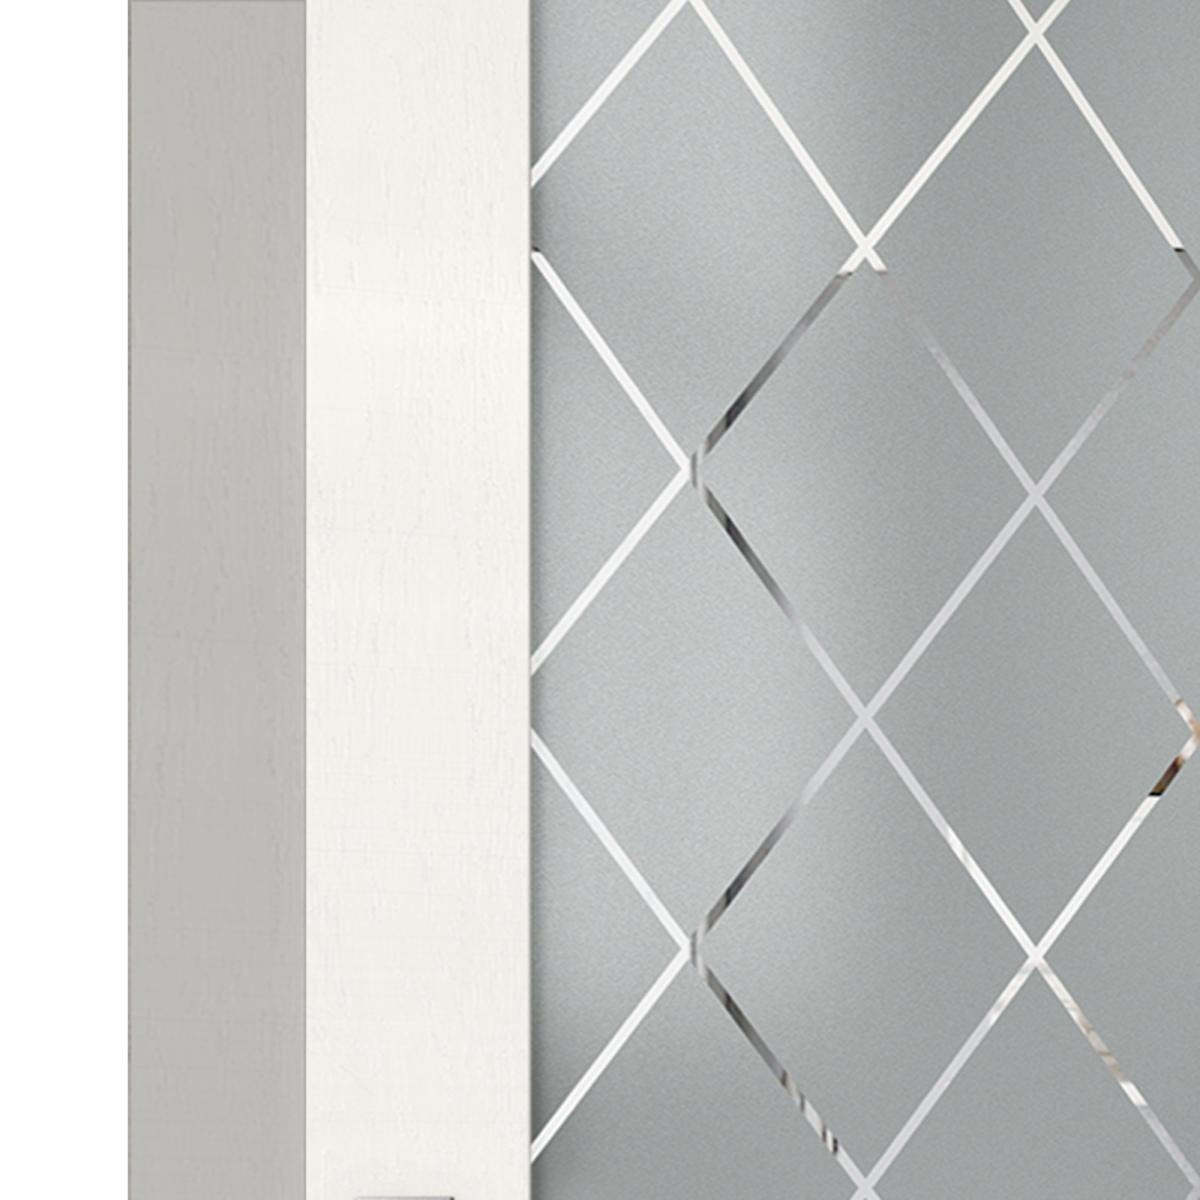 Дверь Межкомнатная Остеклённая «Летиция» 60x200 Пвх Цвет Дуб Пломбир С Фурнитурой